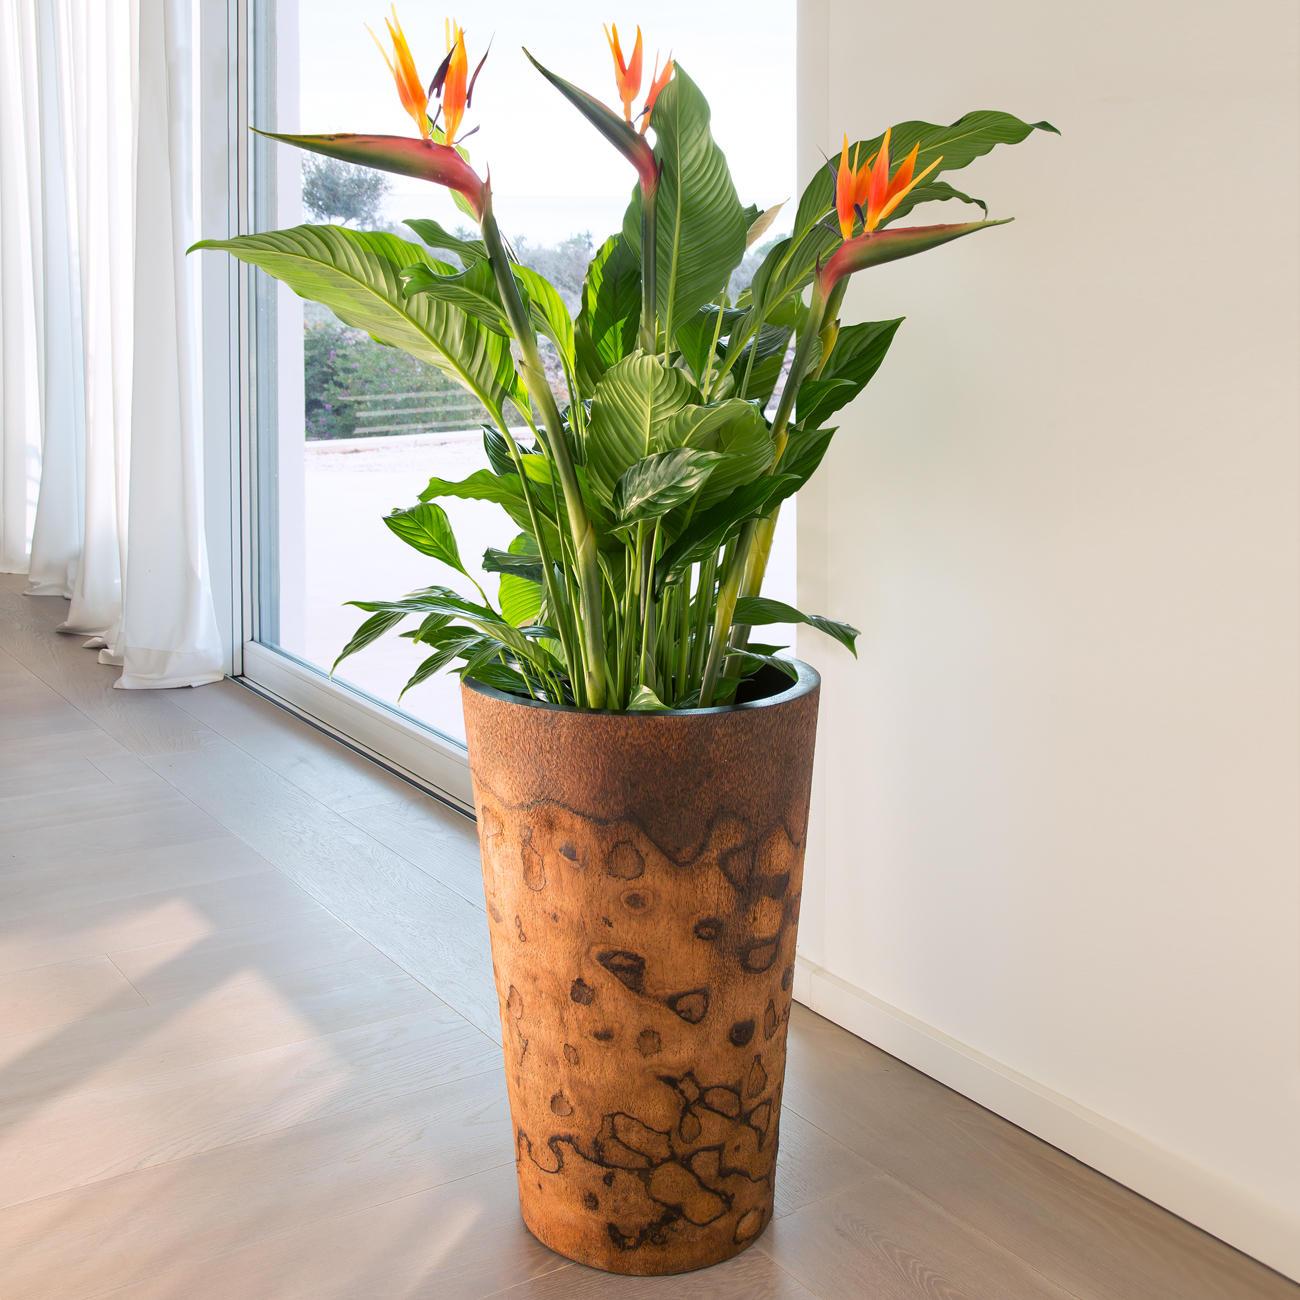 acheter pot de fleurs en bois de palmier en ligne pas cher. Black Bedroom Furniture Sets. Home Design Ideas